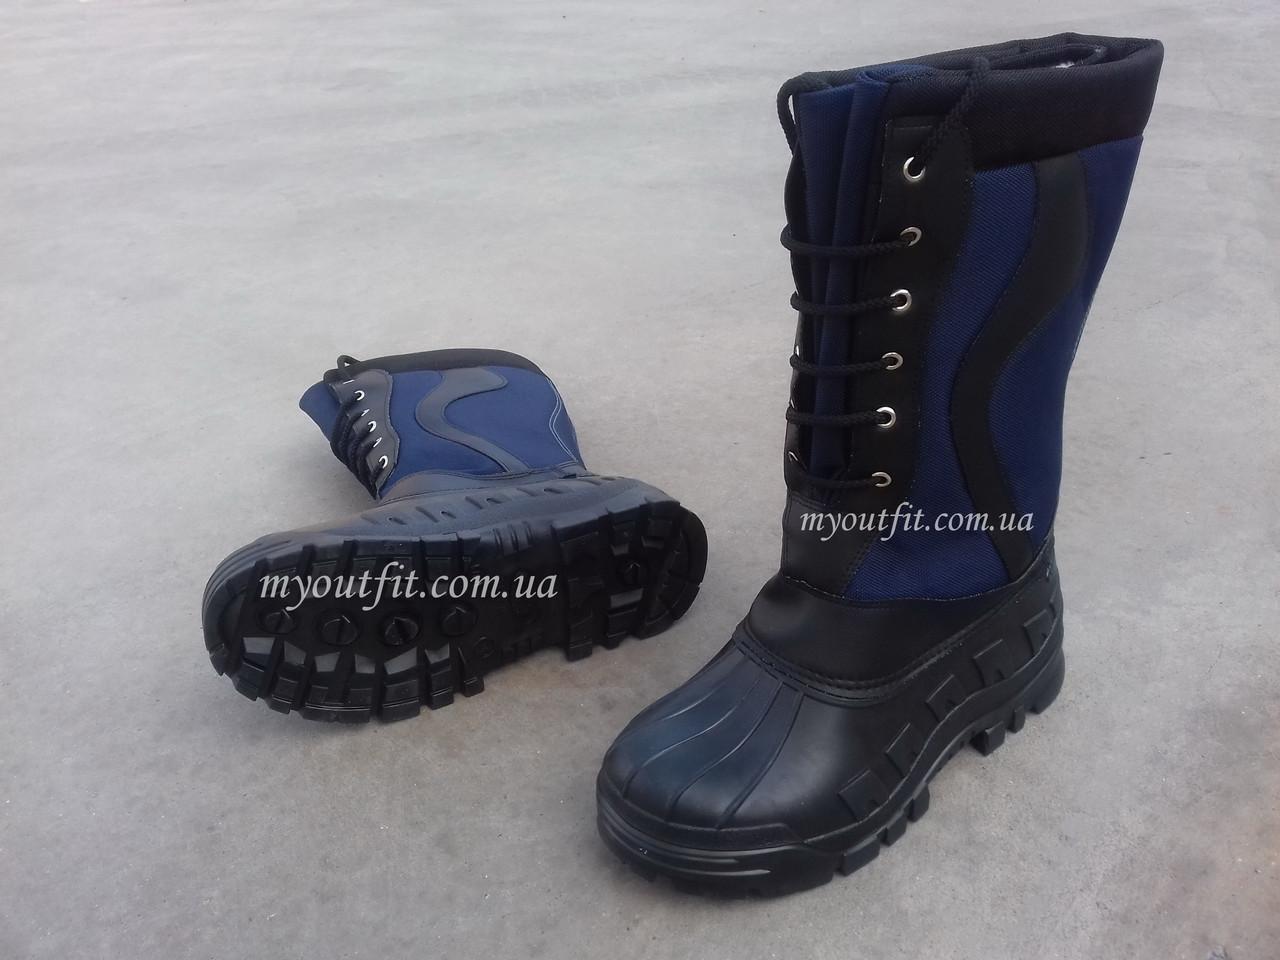 Мужские сапоги для зимней рыбалки Охоты Высокие сноубутсы на шнурках Синие | Размер 41-46 |